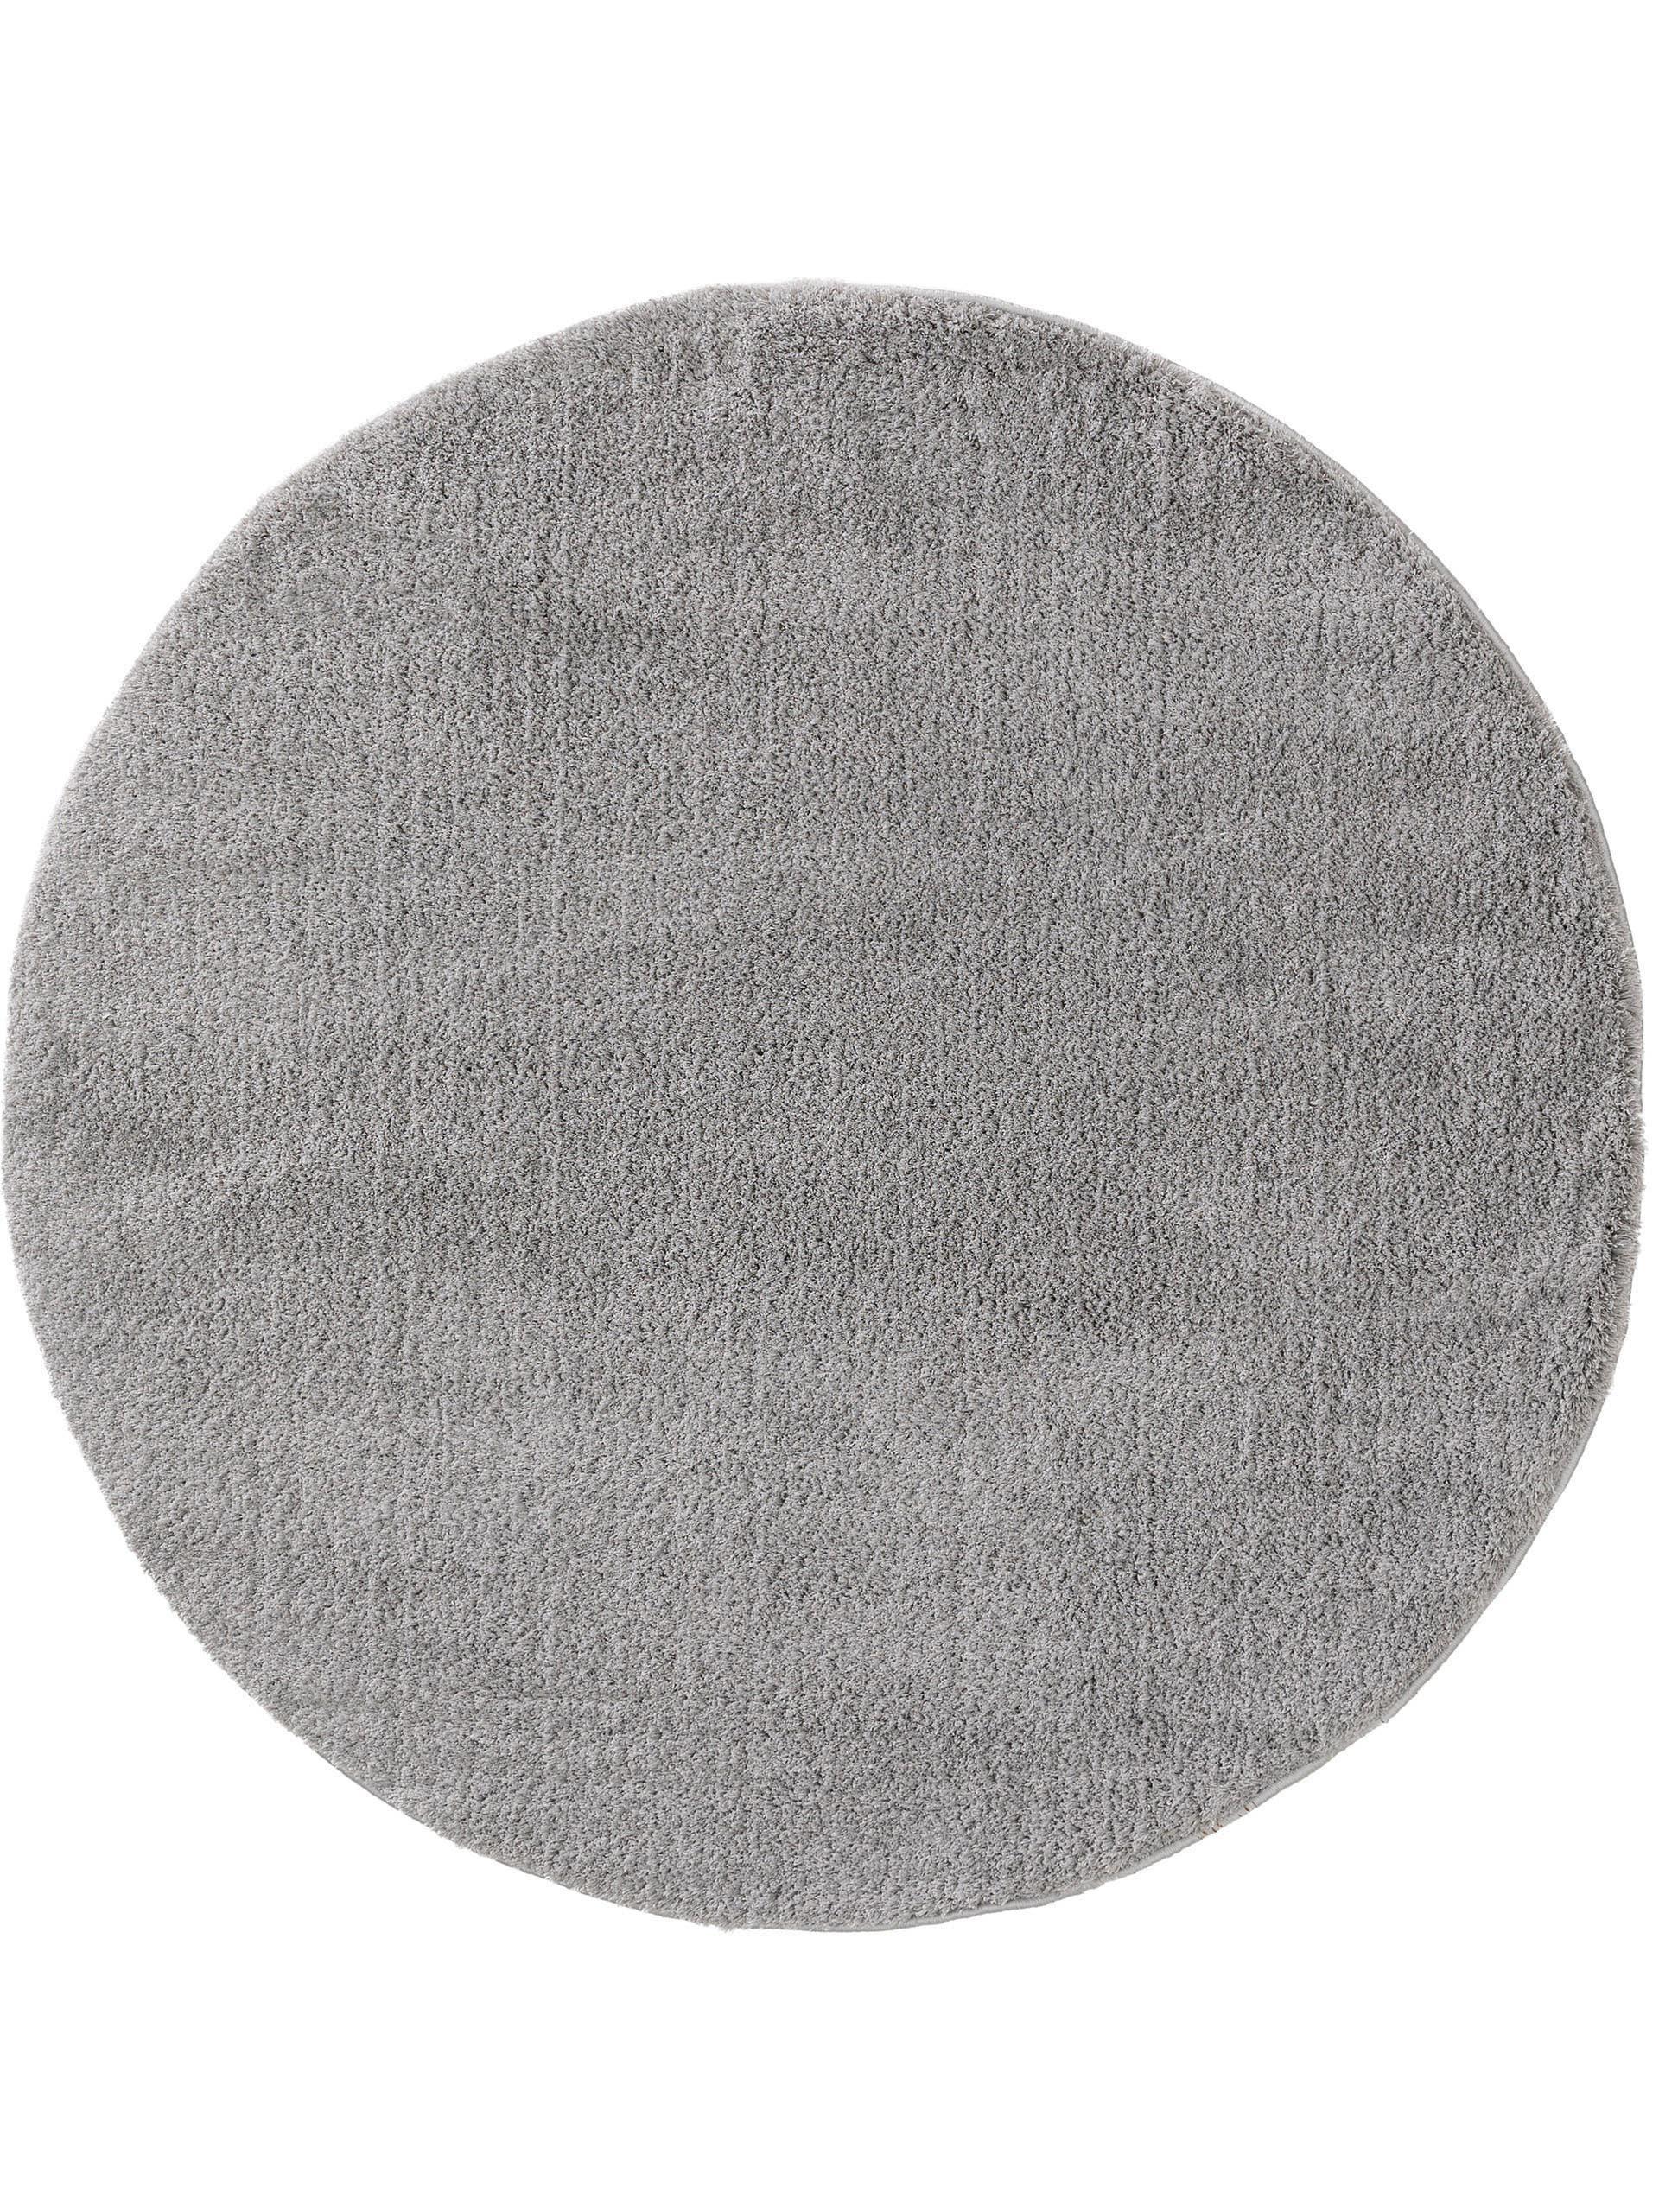 Tapis à poils longs rond gris D 200